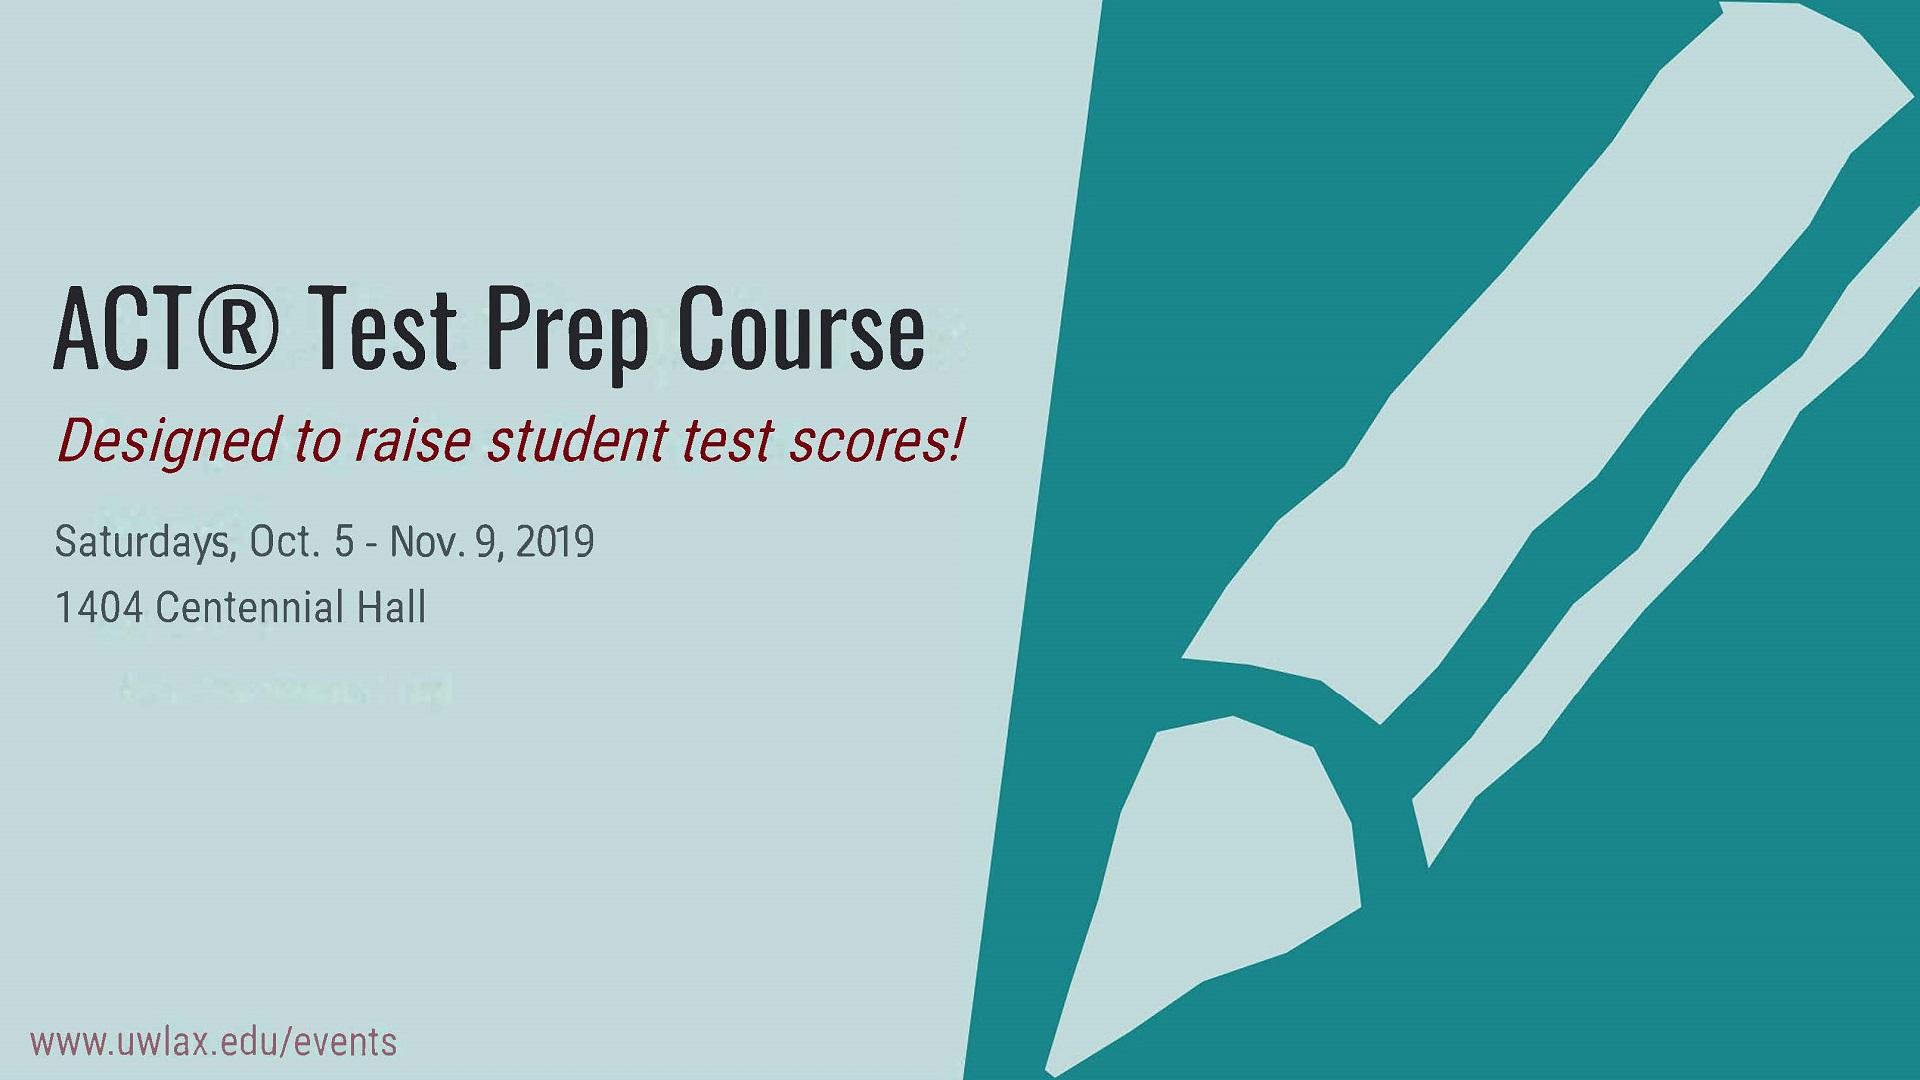 ACT® Test Prep Course